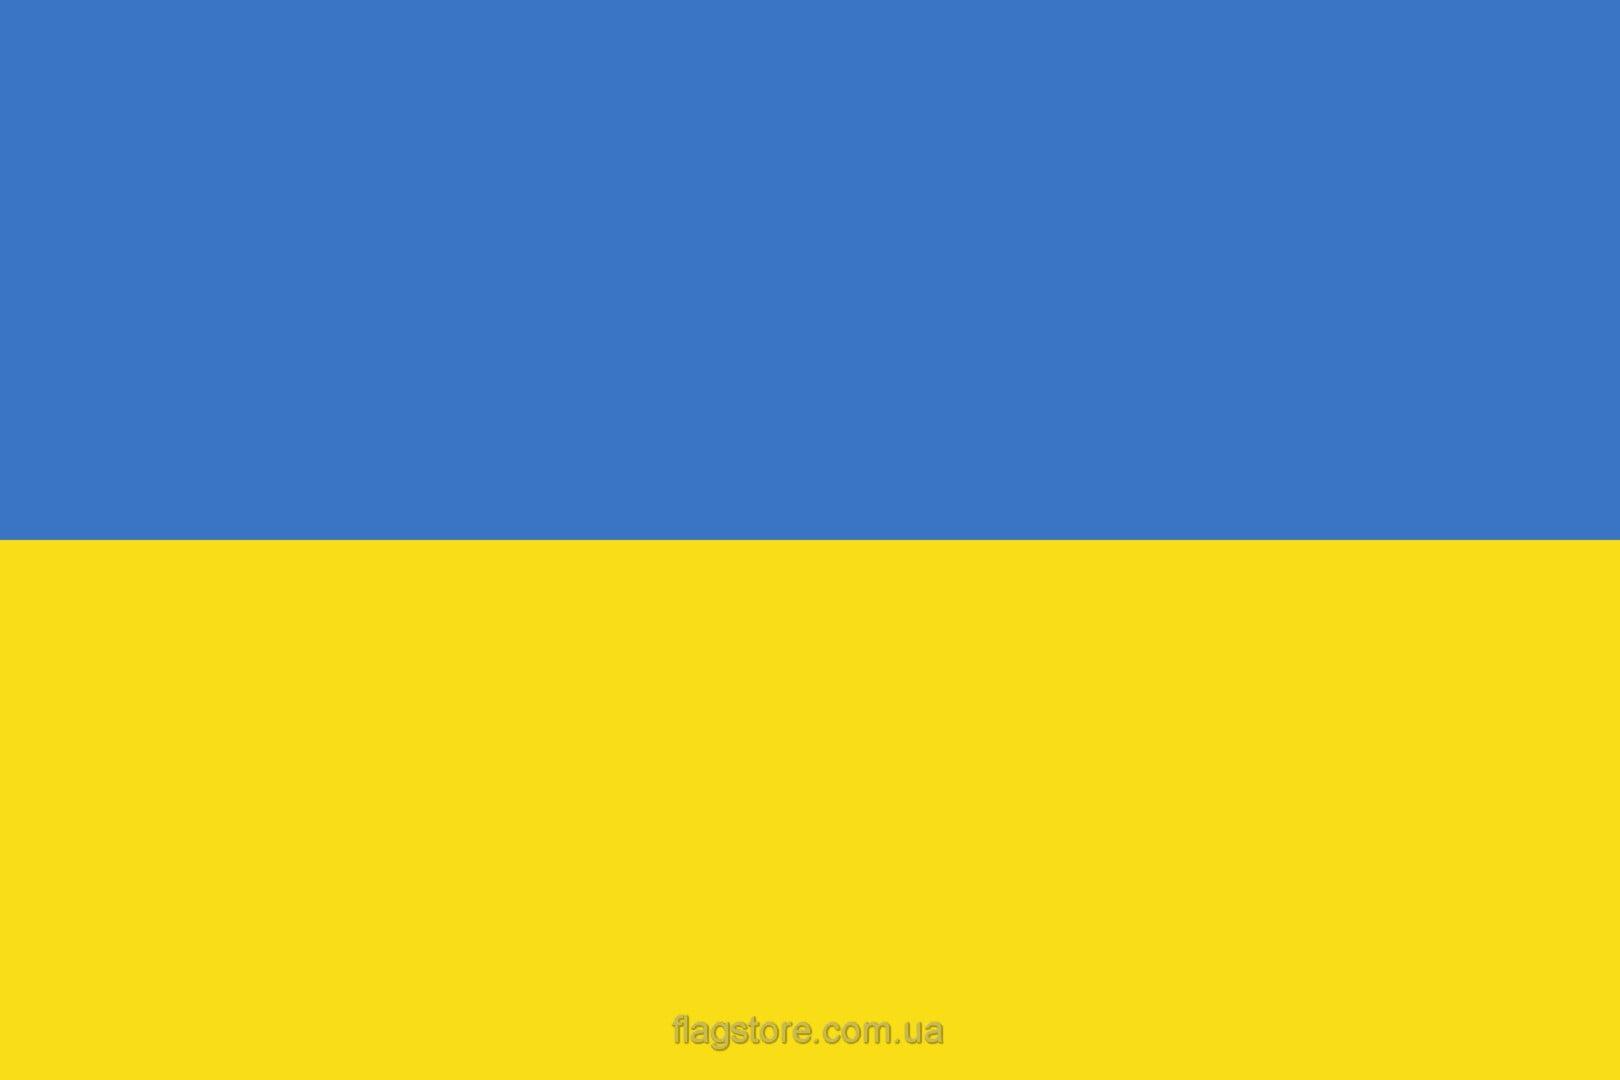 Купить флаг Украины (страны Украина)